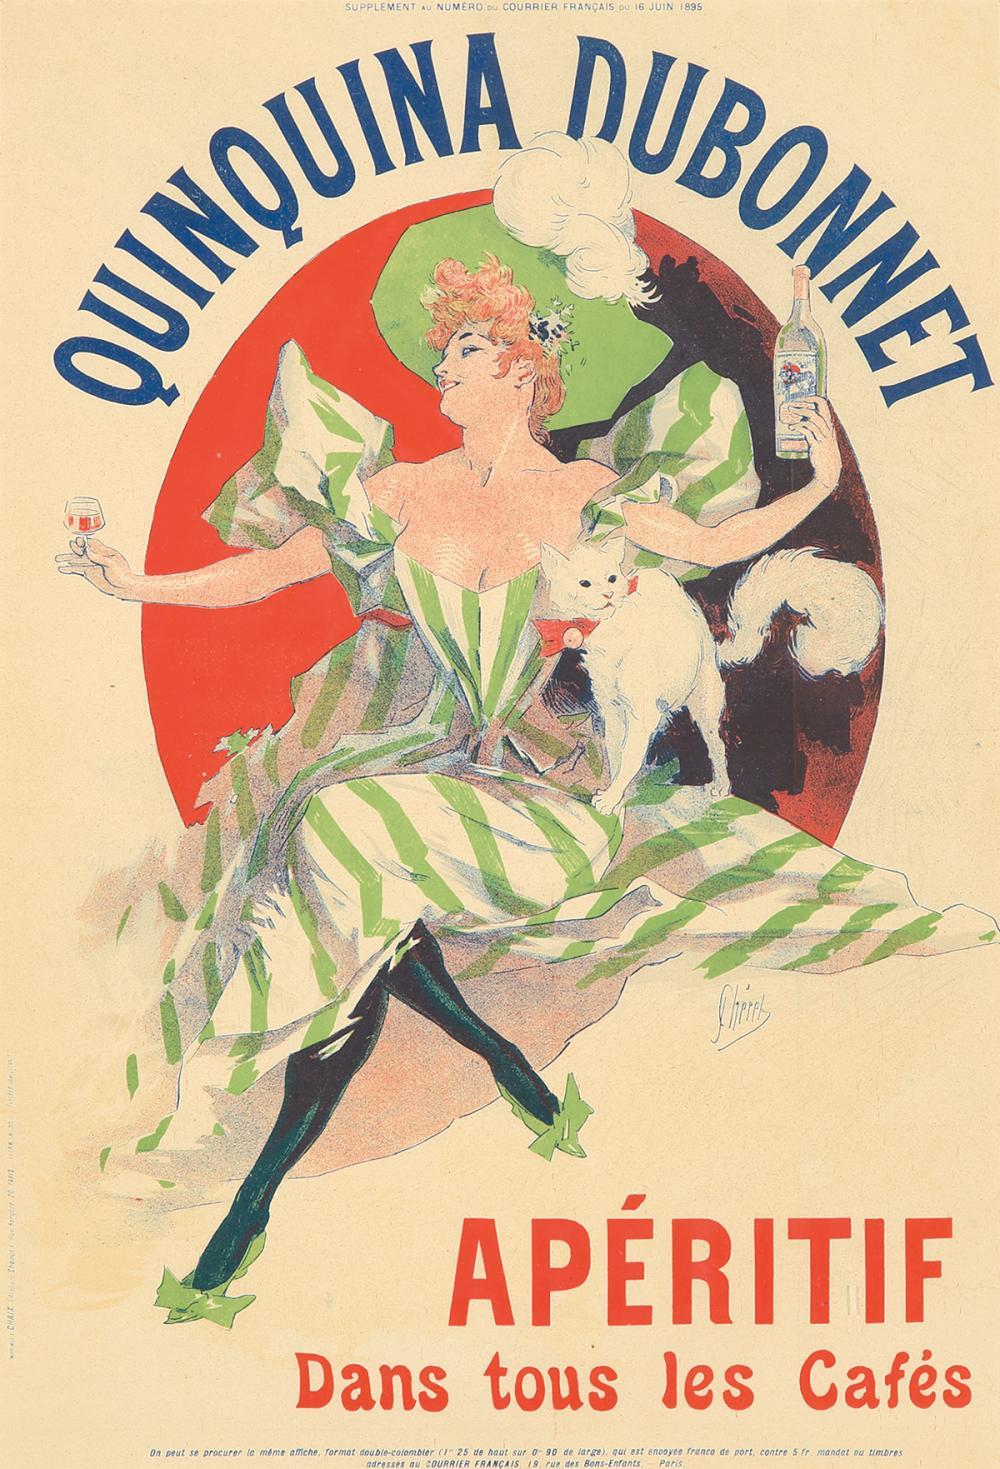 Quinquina Dubonnet. 1895.